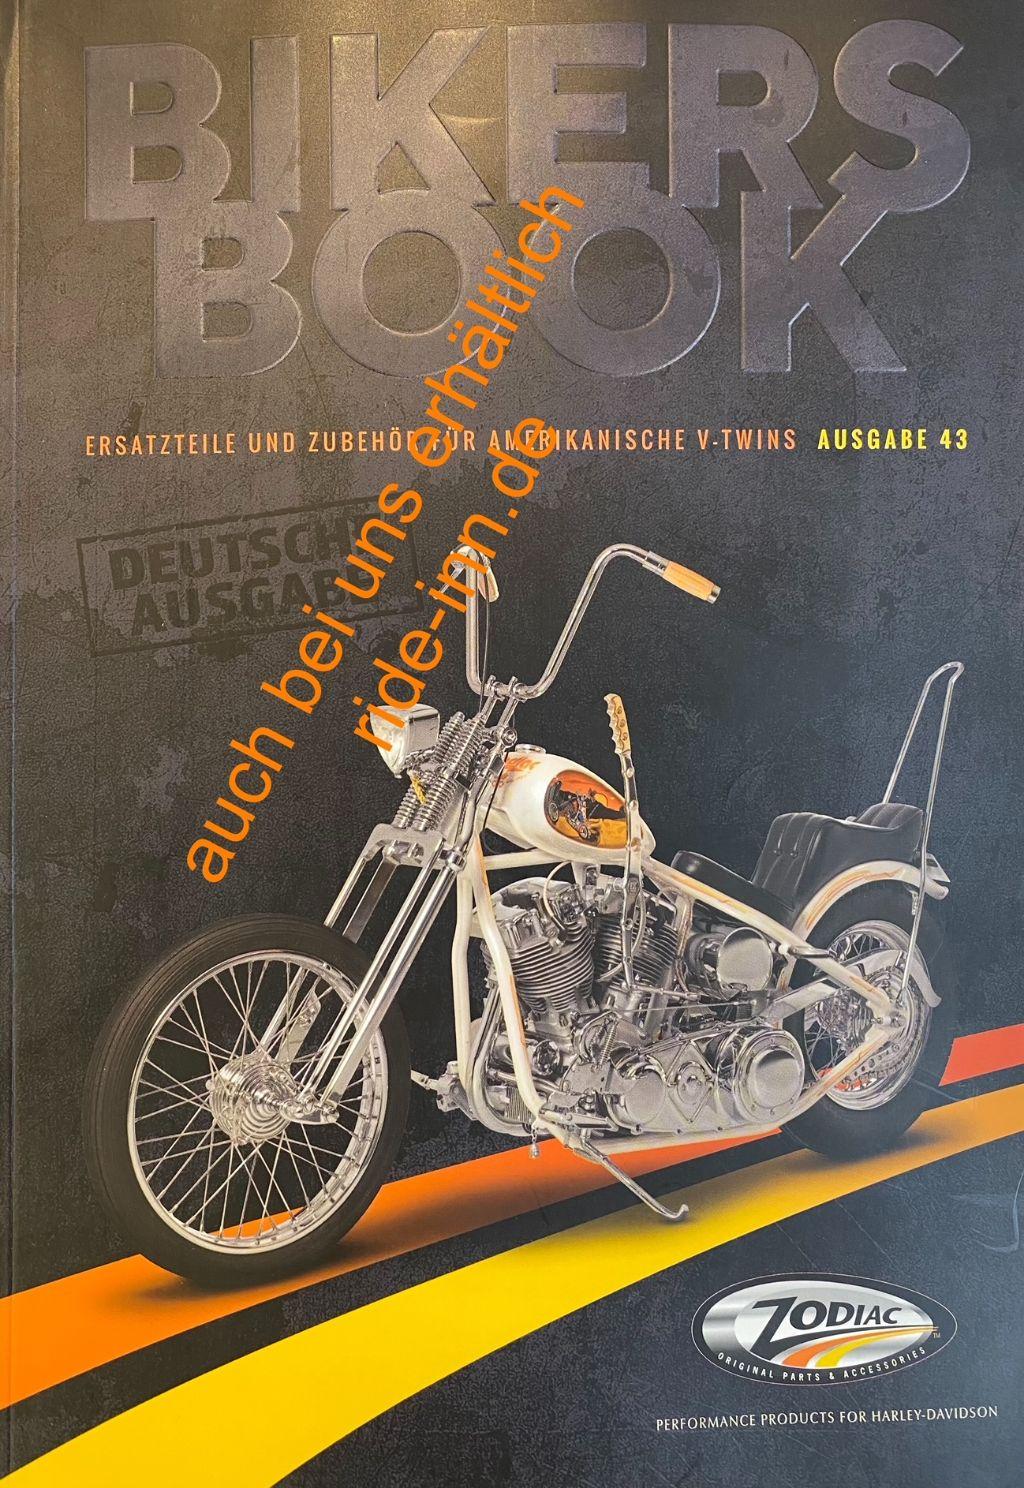 Zodiac katalog ausgabe 43 ersatzteile und zubehör für harley davidson motorräder